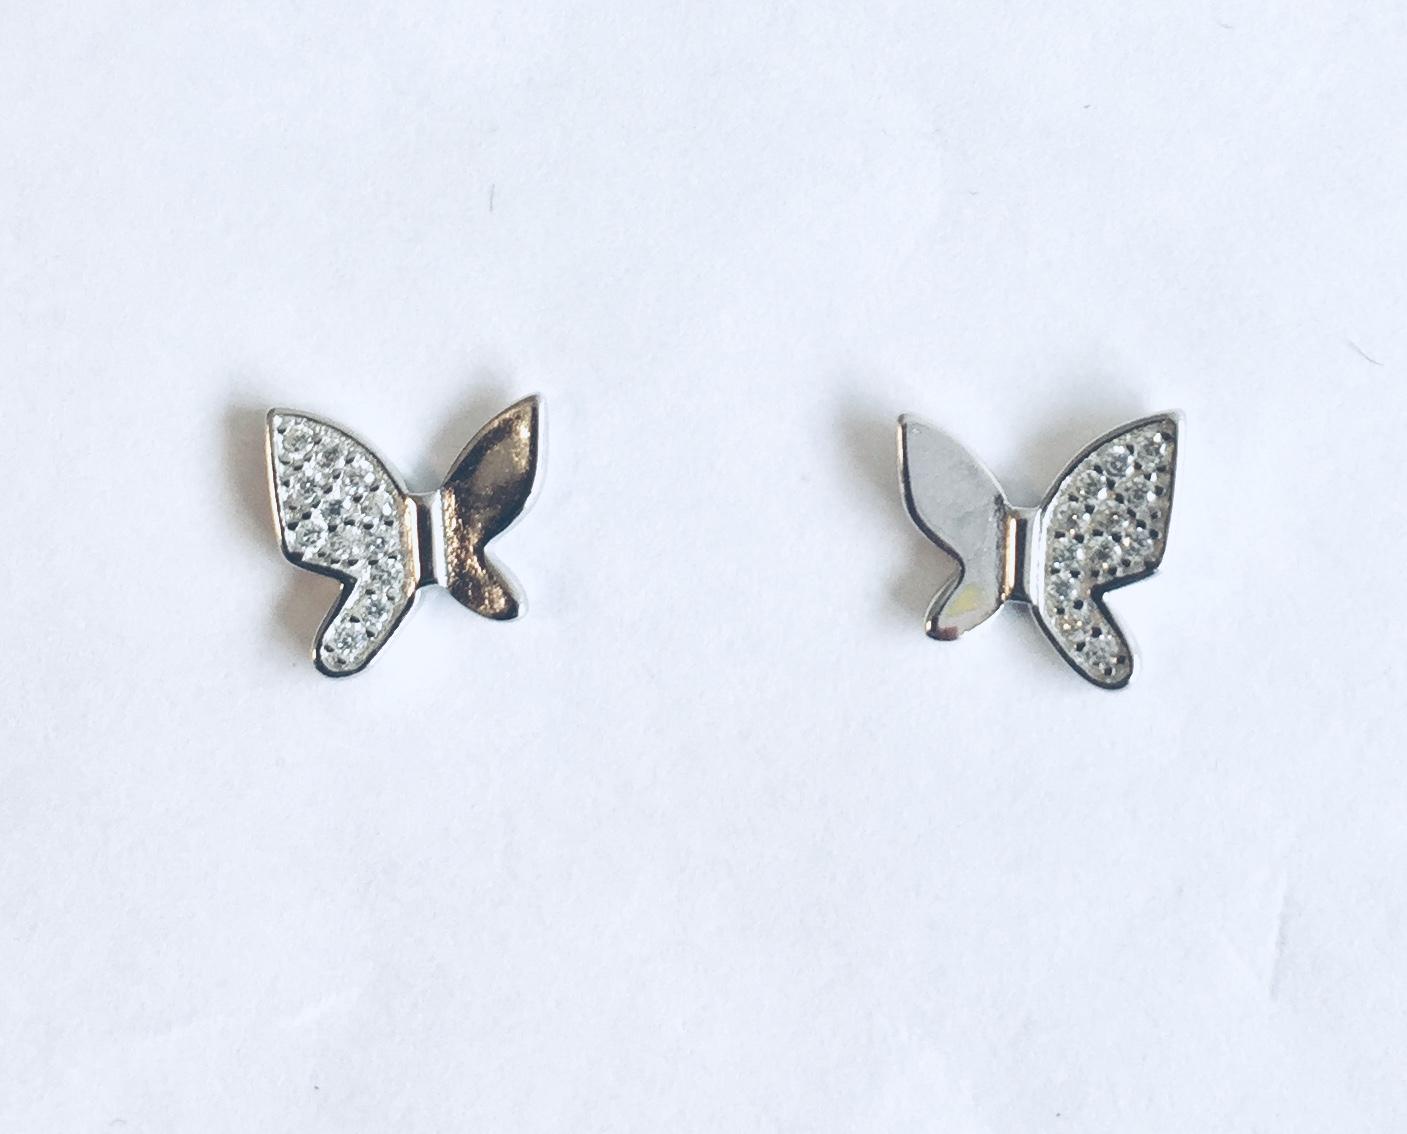 Ørepynt rh.sølv sommerfugl m/zirconer på halve